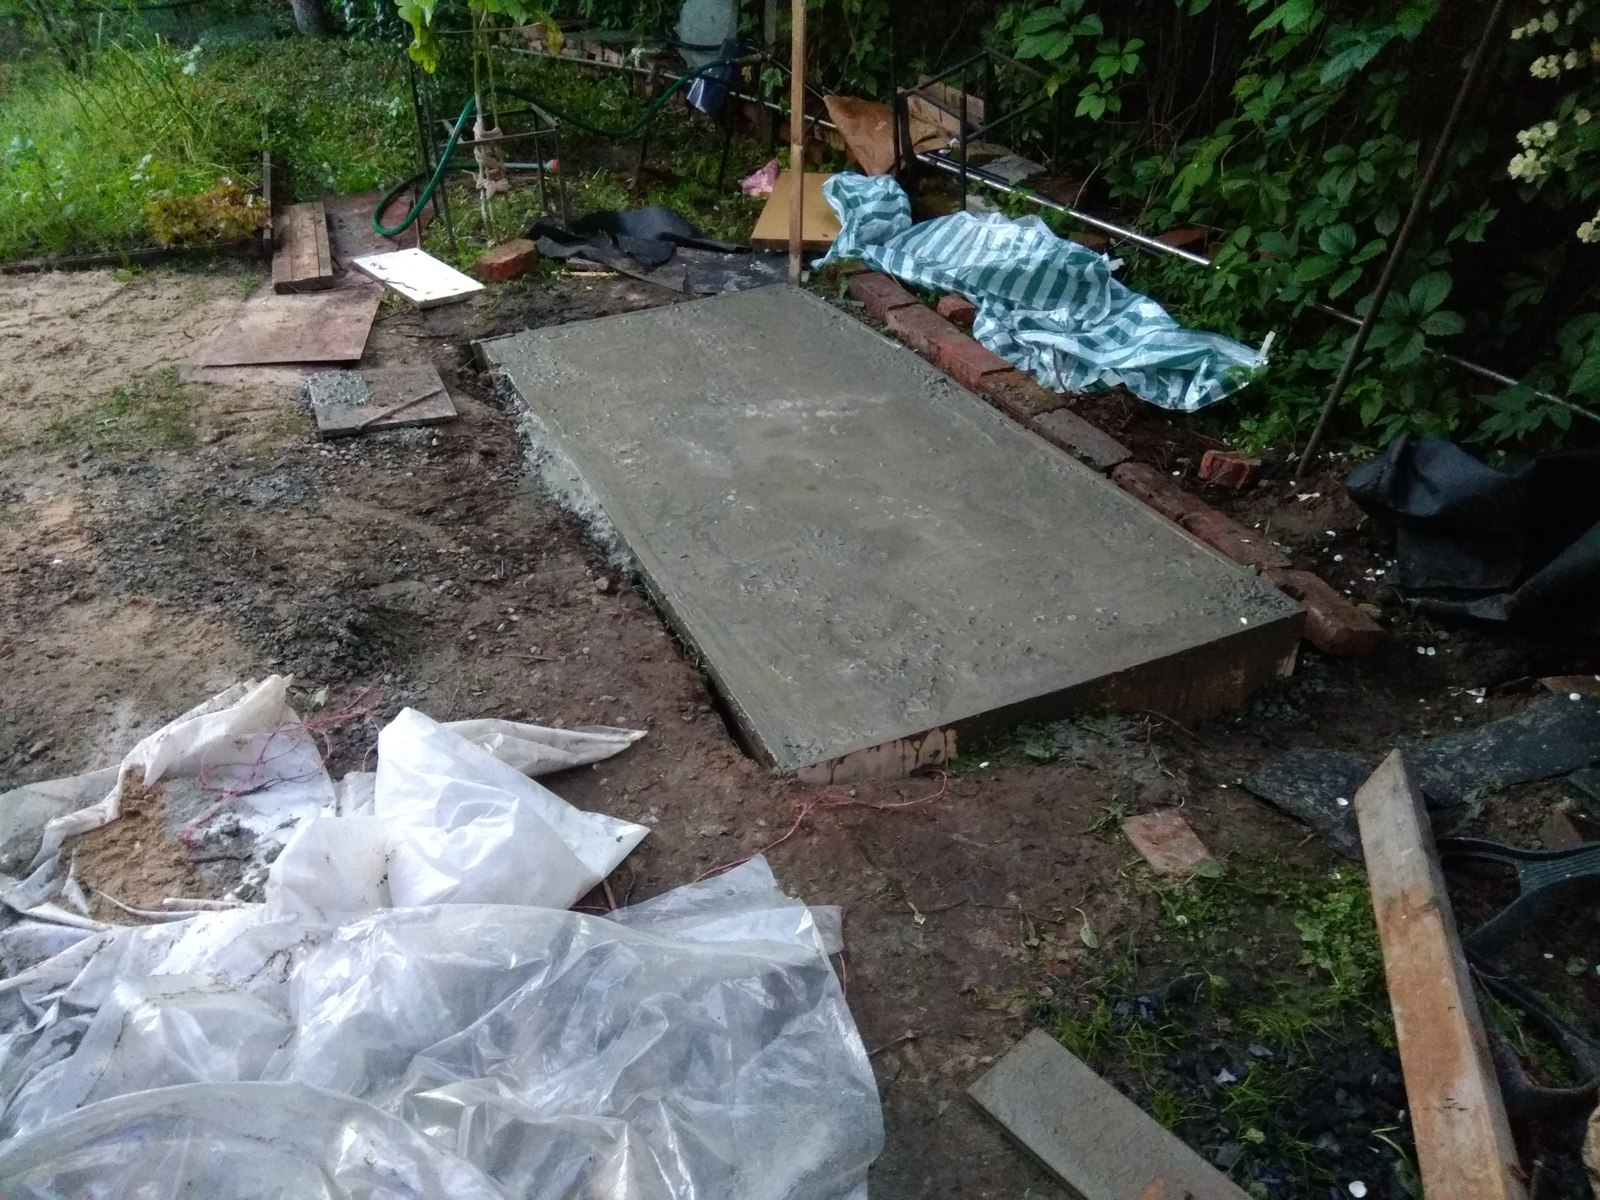 Как сделать мангал своими руками чтобы, лучше, можно, будет, досок, погода, далее, сразу, сделано, начал, раствор, сделал, бетон, делал, ставлю, нашел, сделать, проливаю, водой, песок